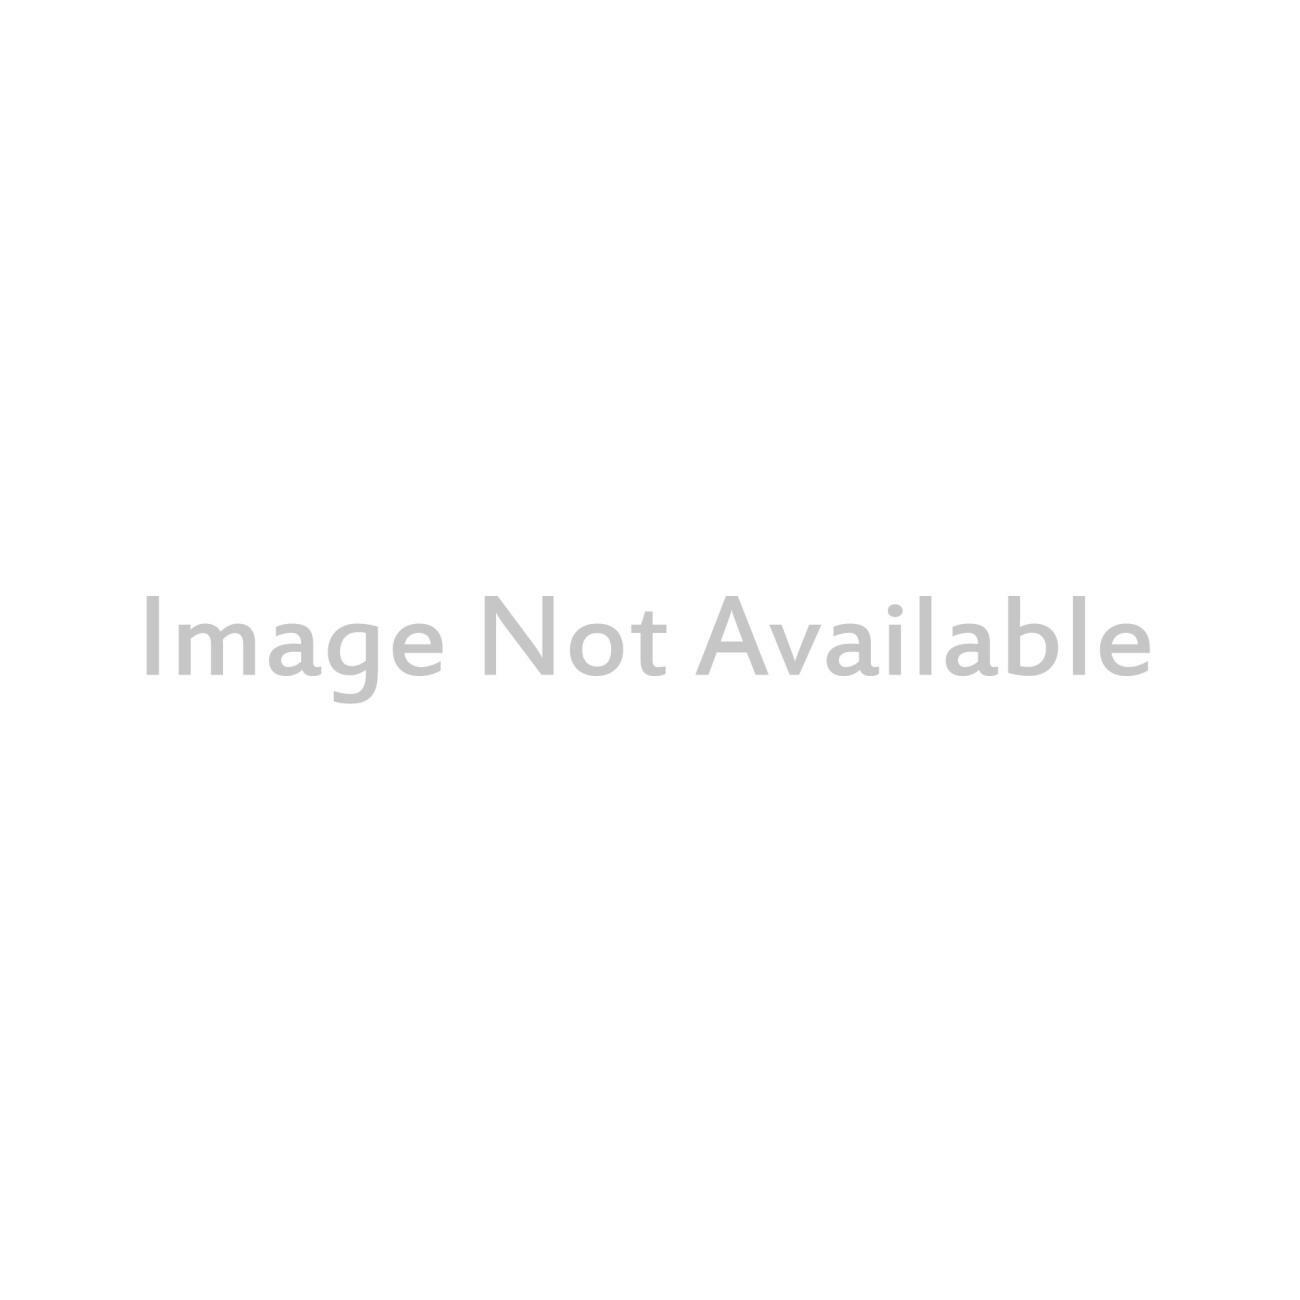 west coast office supplies office supplies calendars